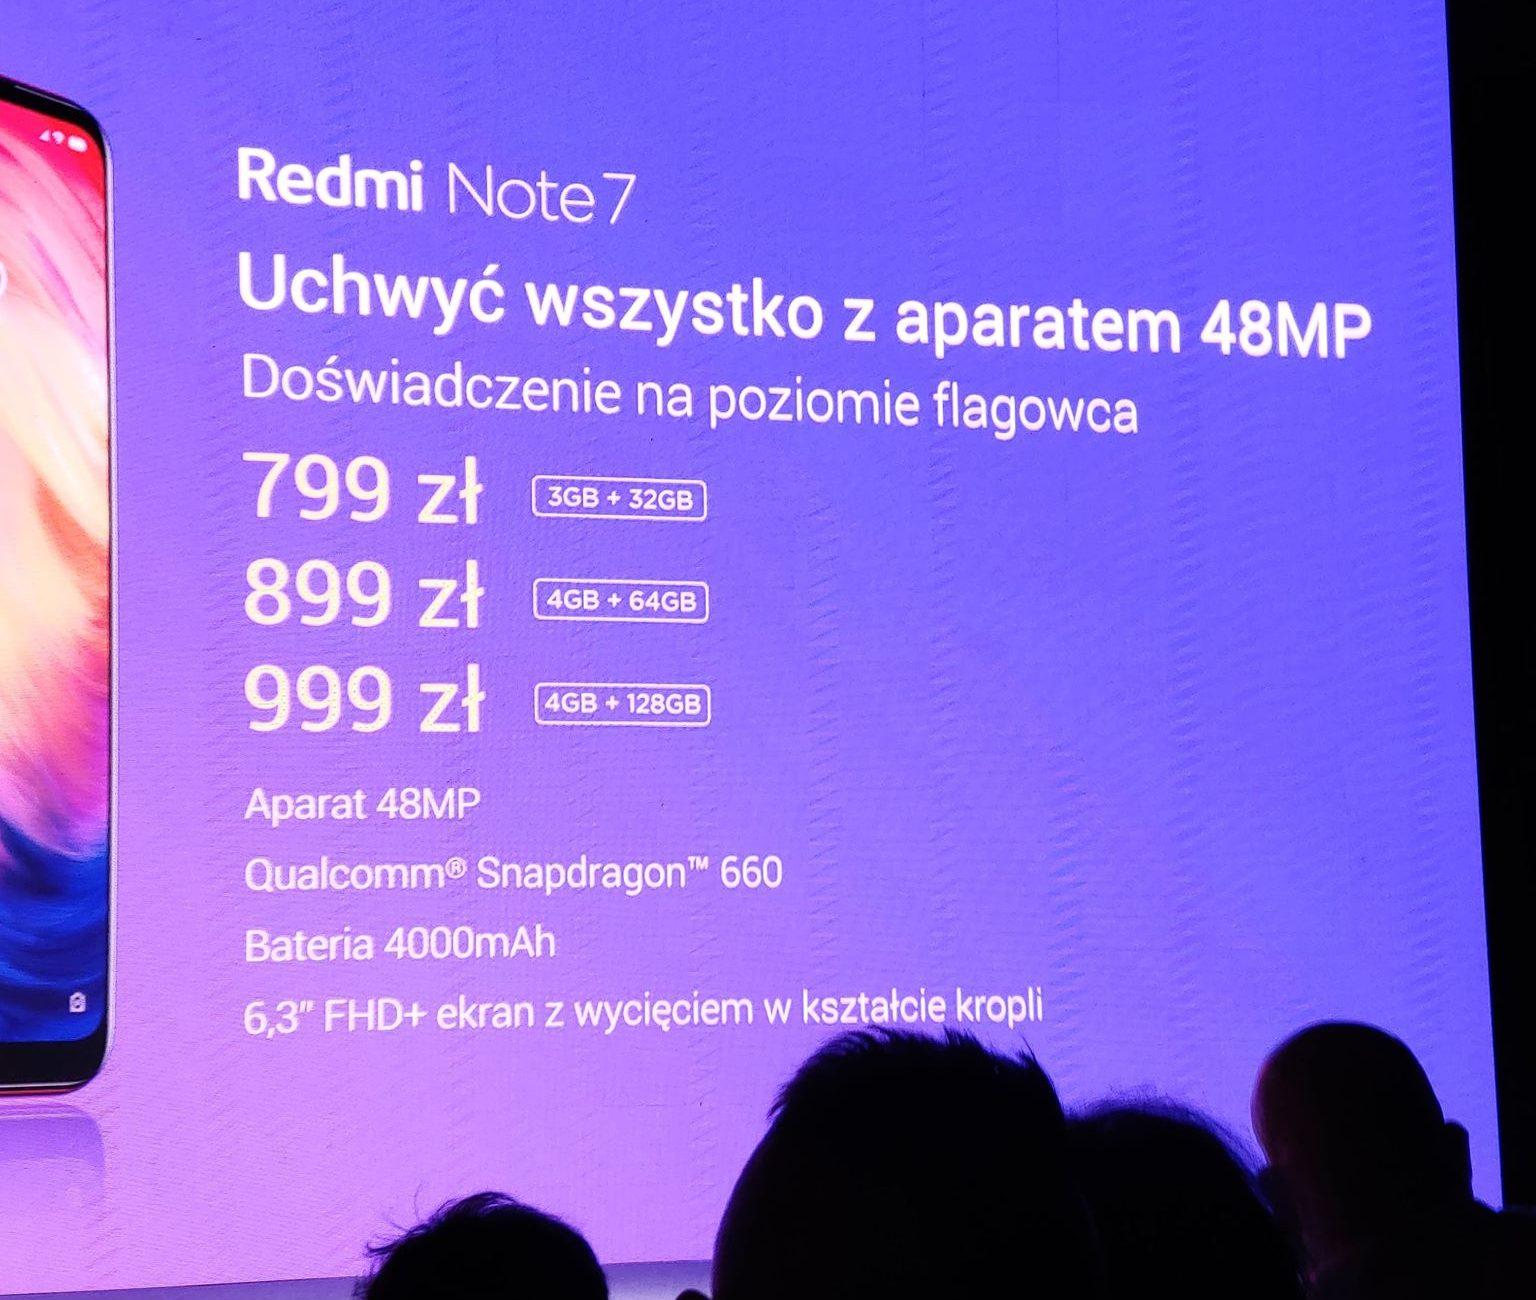 Redmi Note 7 premiera Polska